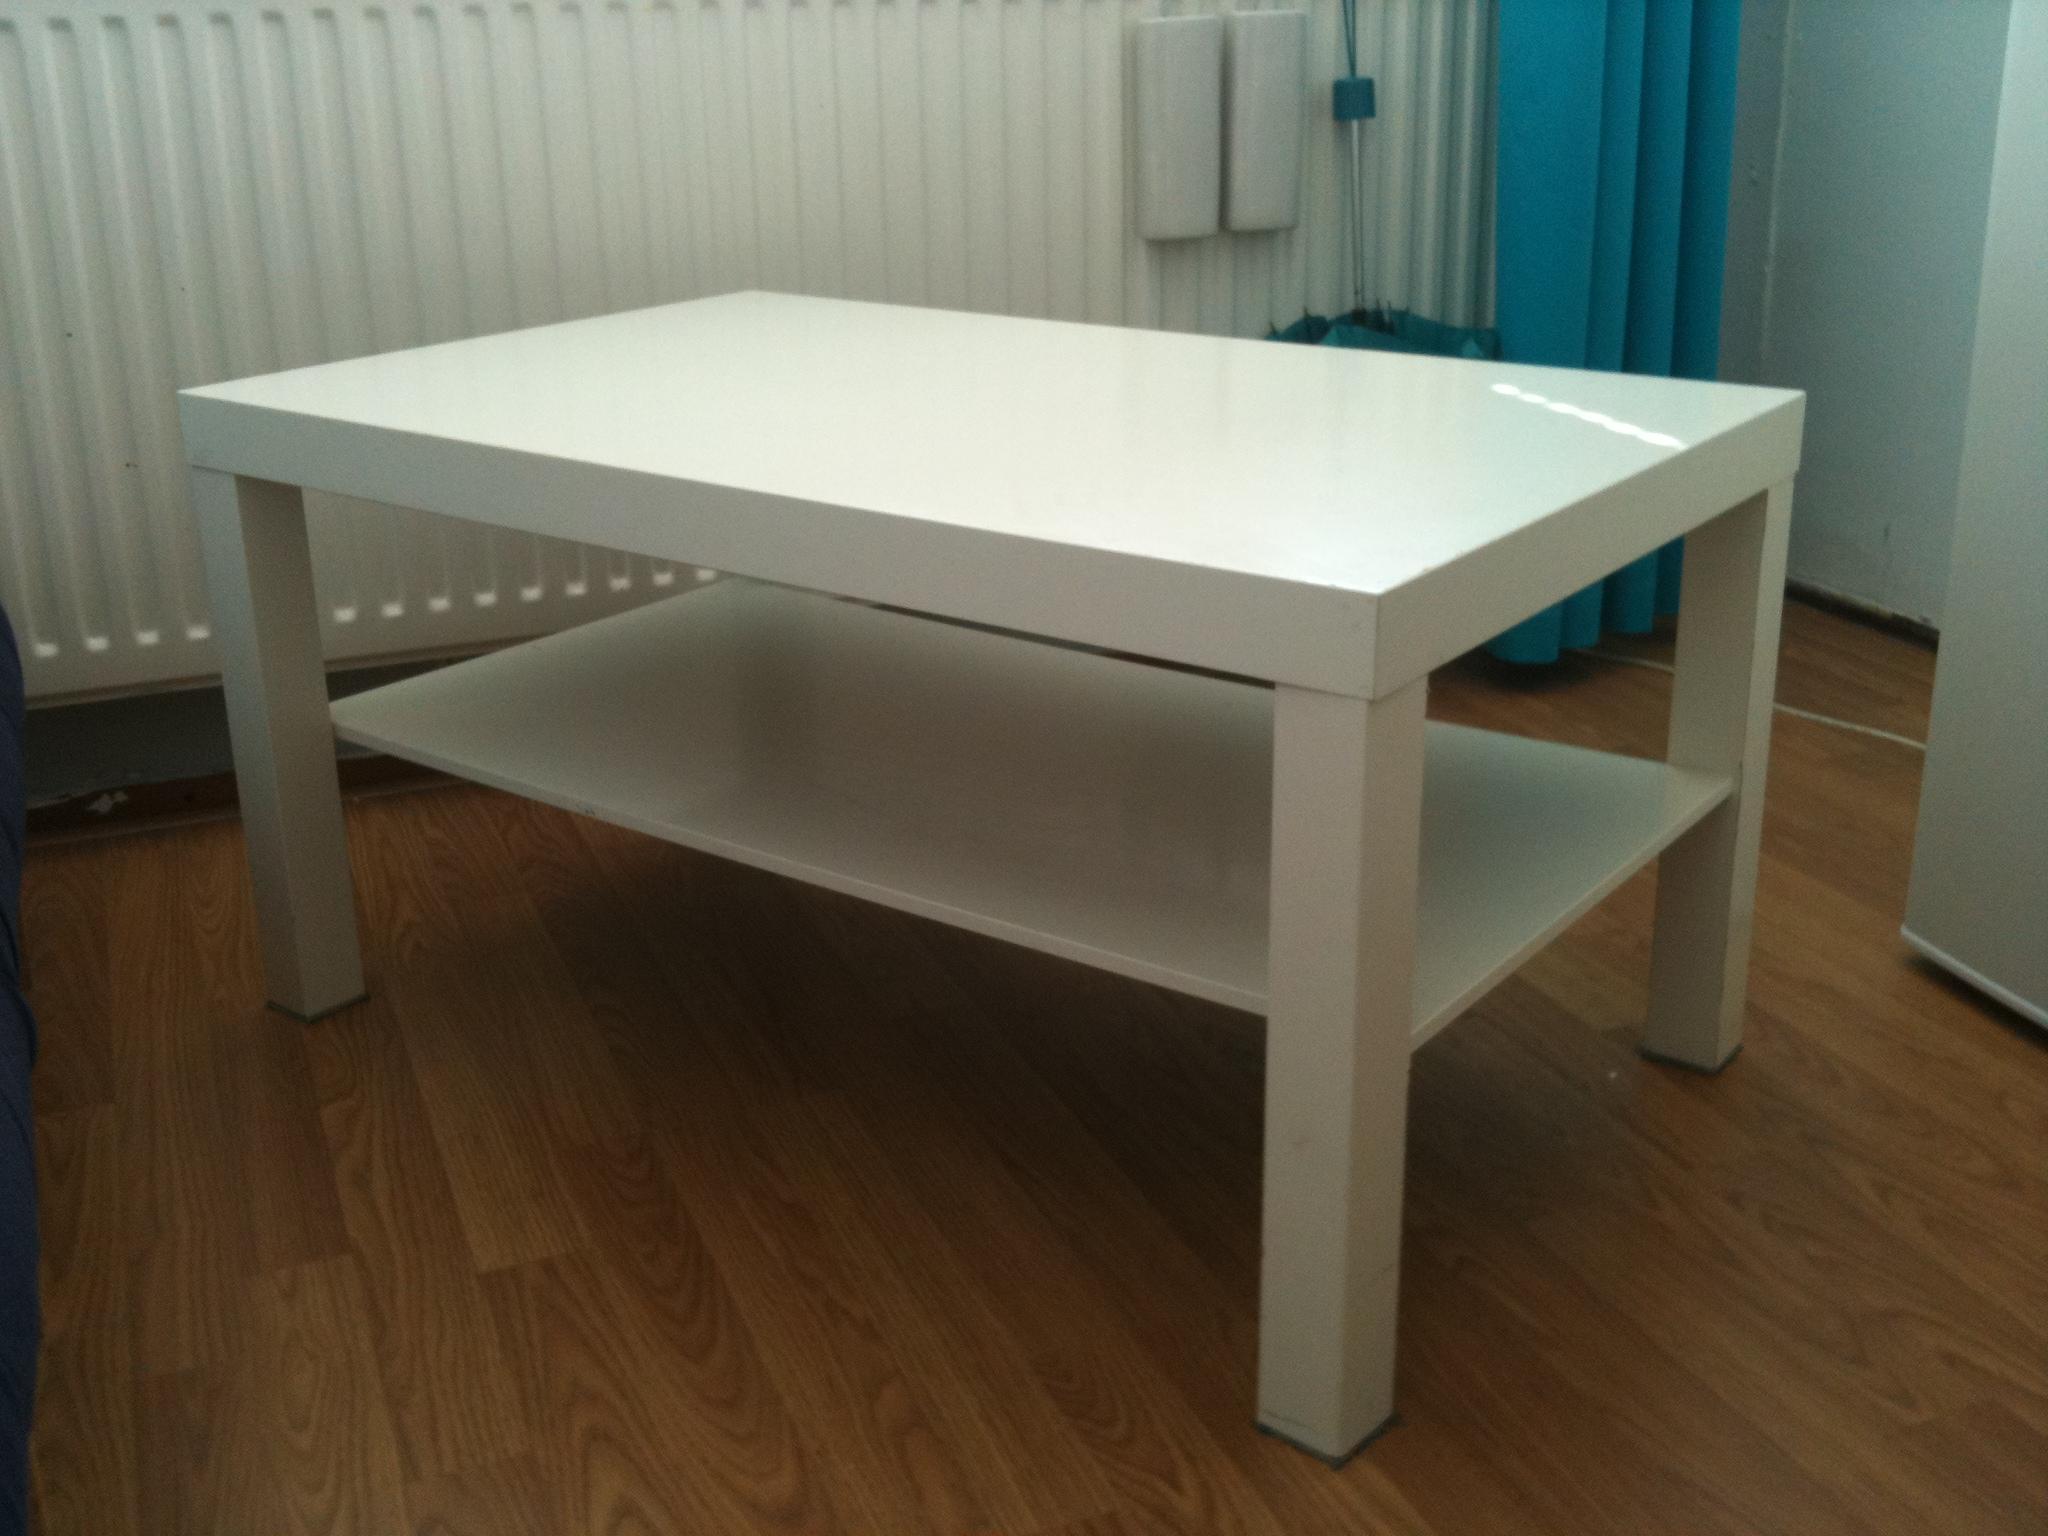 Salontafel witte poten salontafel wit met houten poten hout met een witte gladde portland - Keuken witte tafel ...